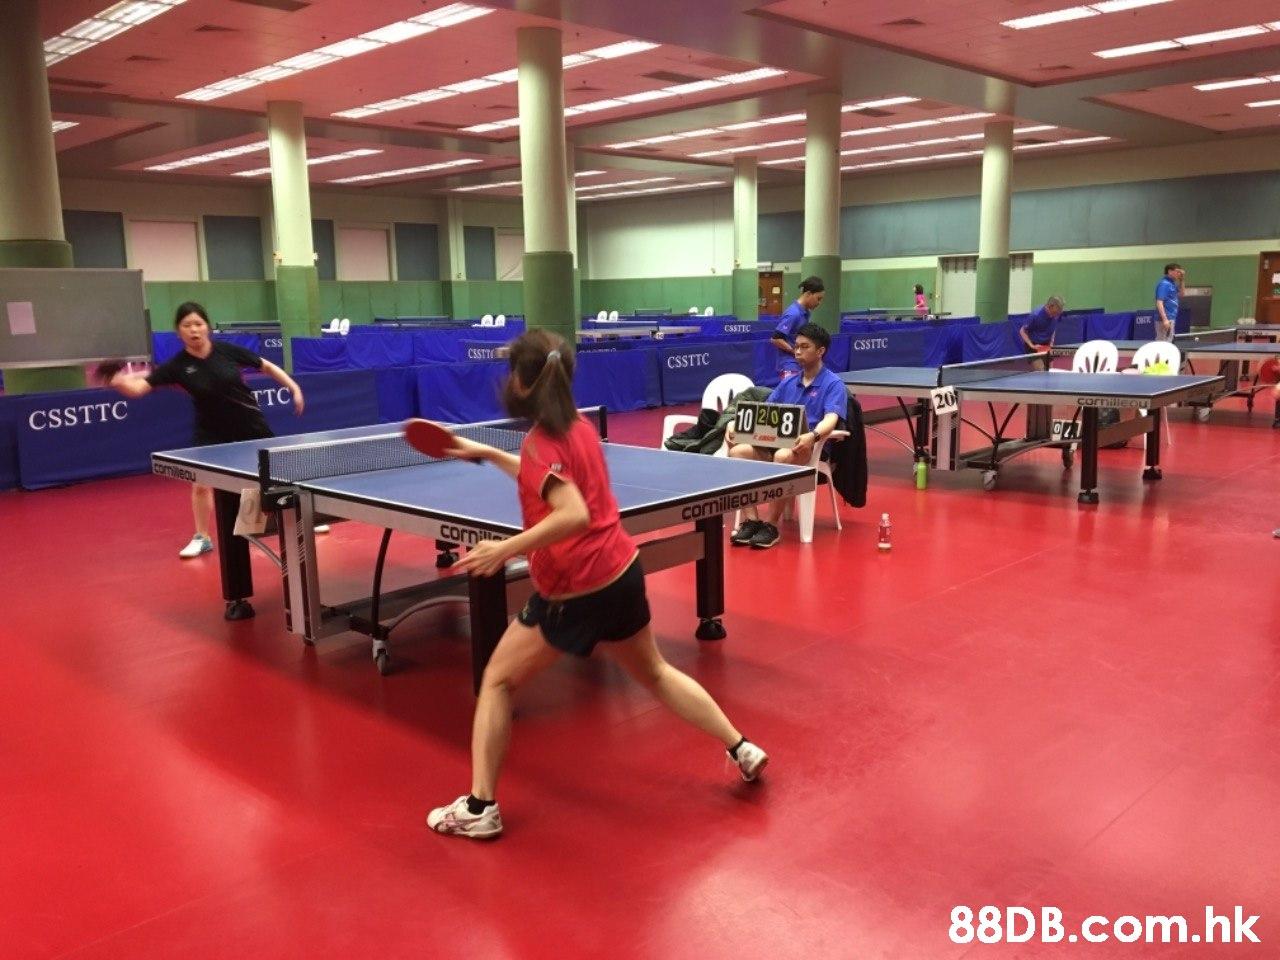 CESTT CSSTTC CSSTTC TTC CSSTTC 10 208 20 Comilegu comilleau 740 corn .hk  Ping pong,Sports,Table tennis racket,Ball game,Racquet sport